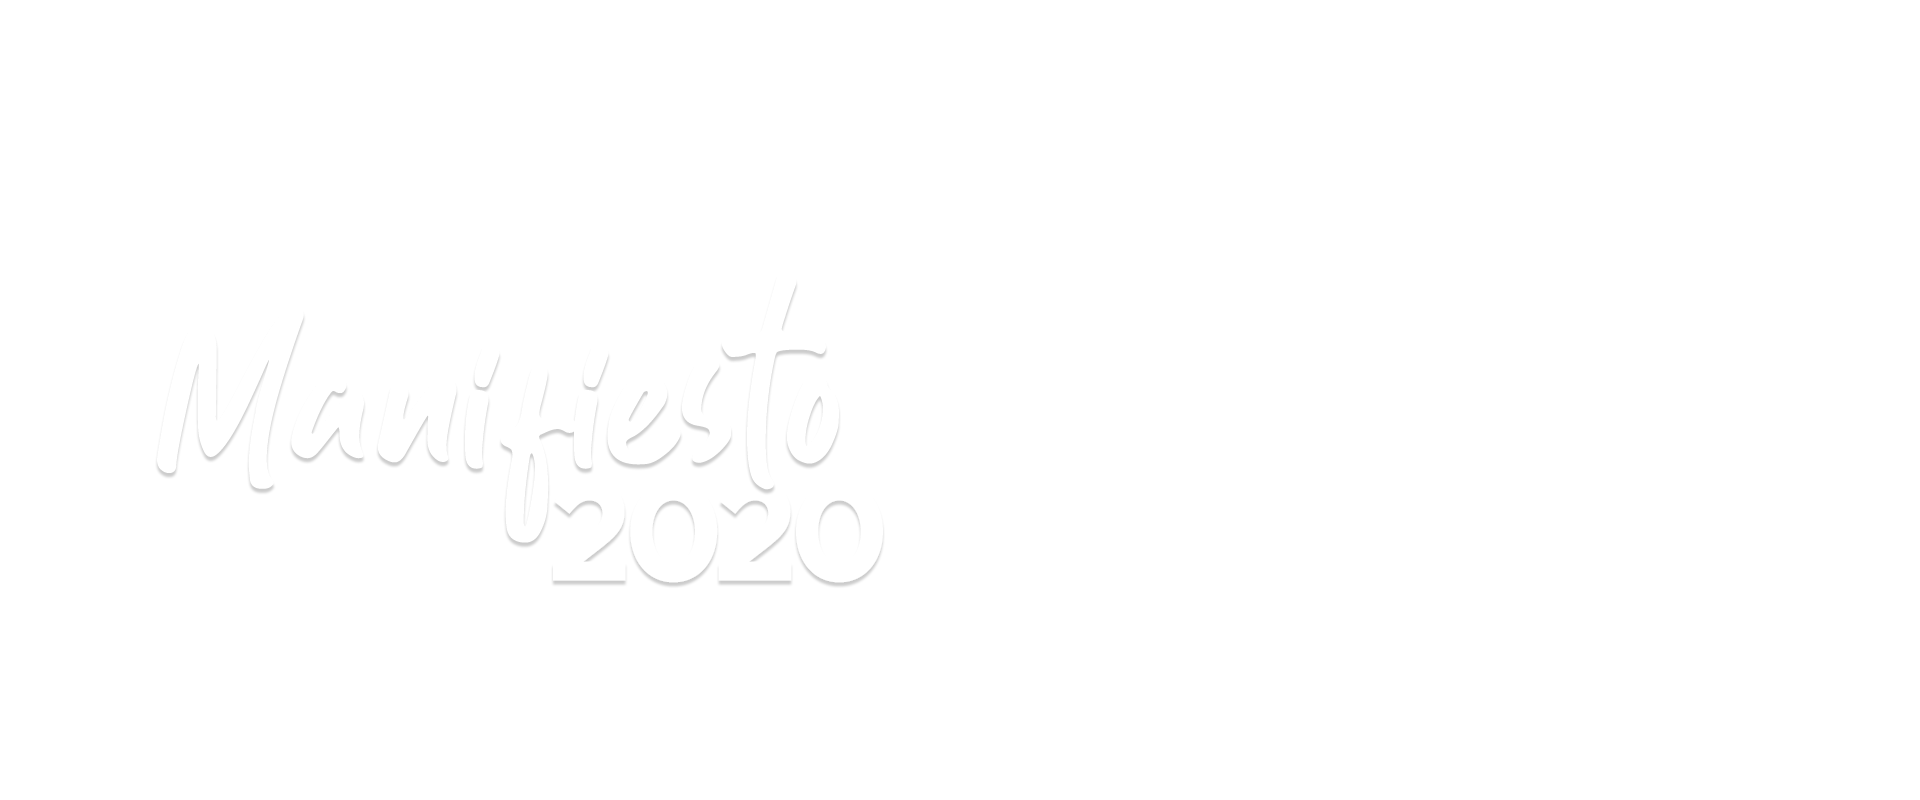 Manifiesto 2020 Encuentra la mejor versión de ti